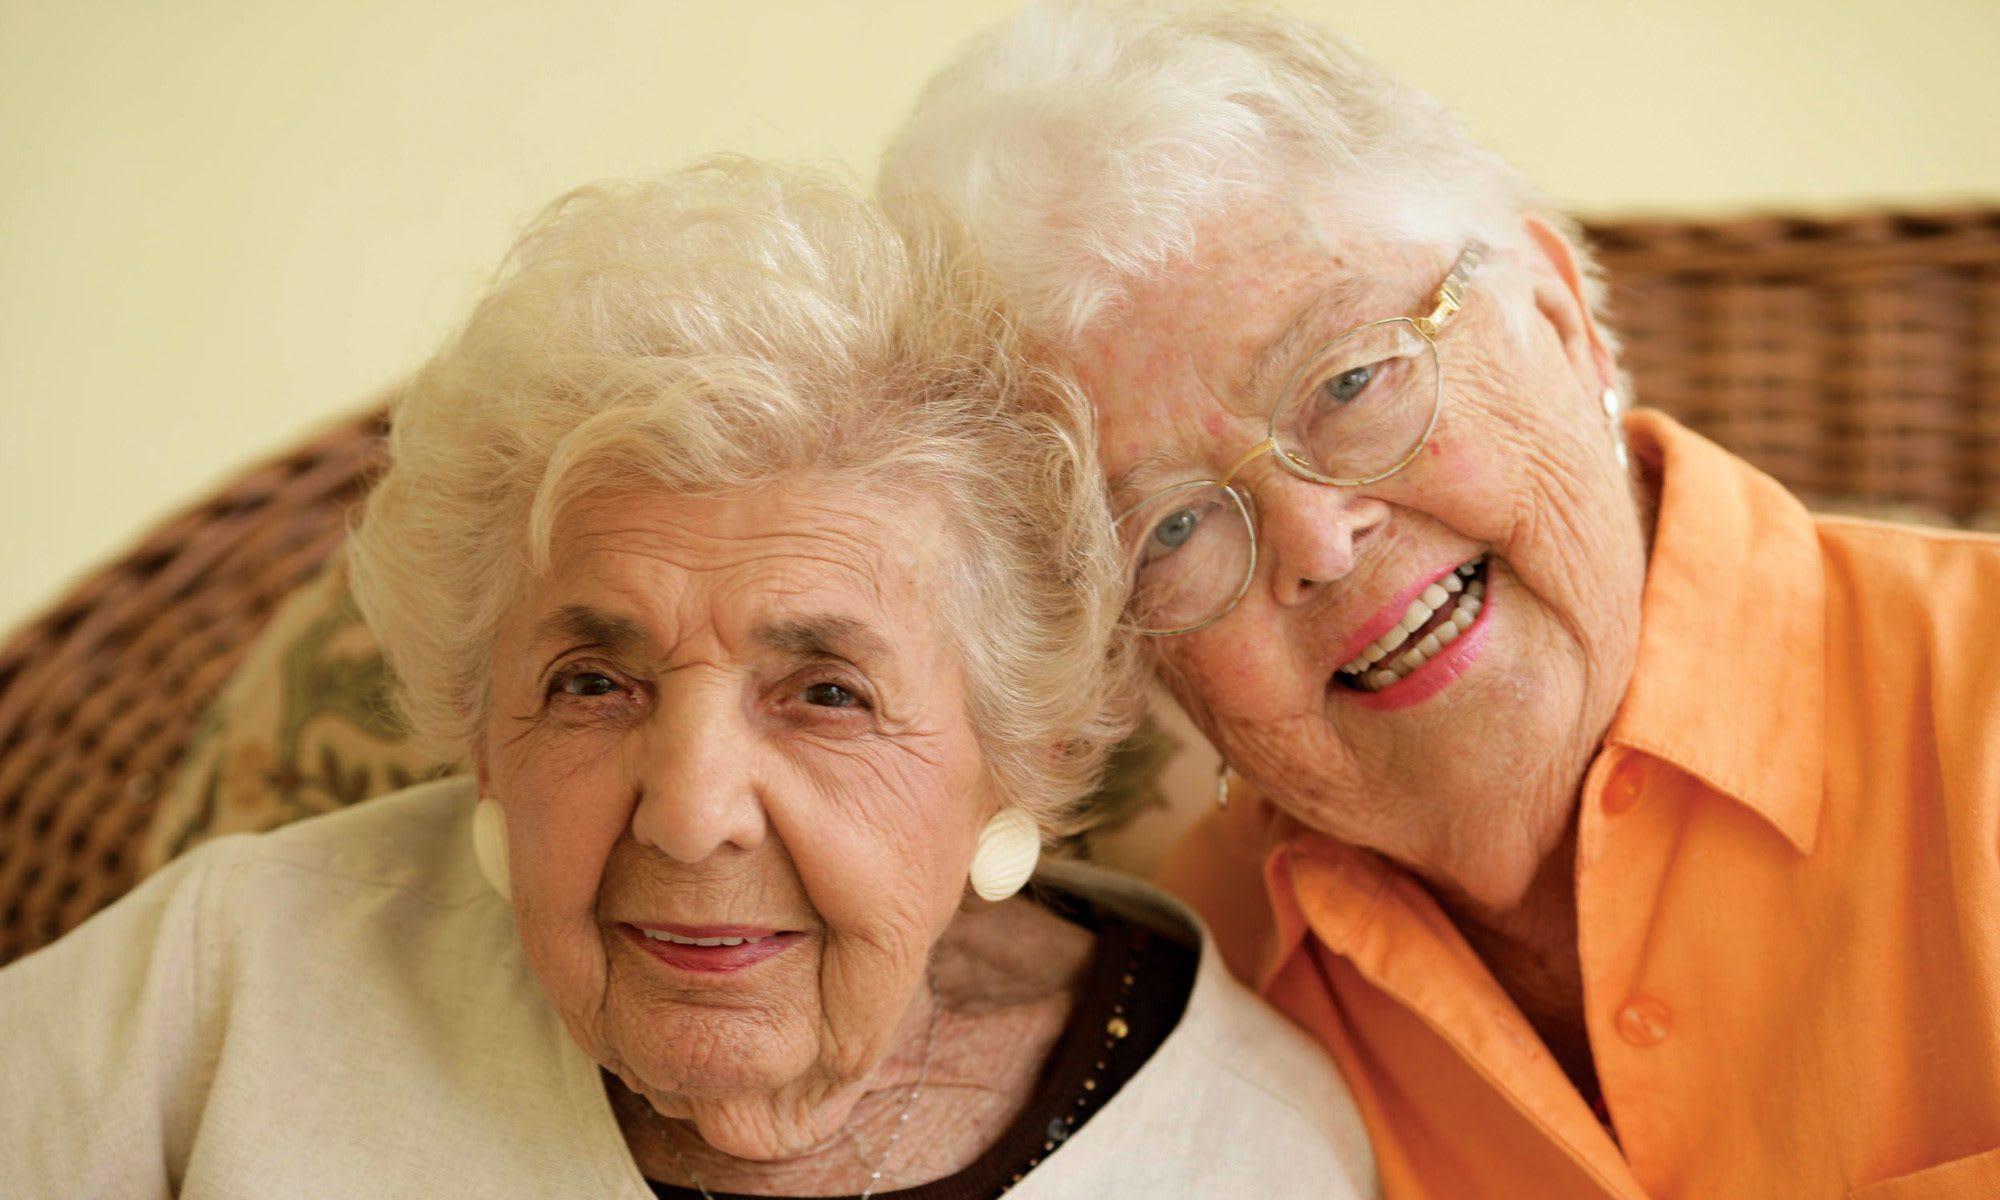 Exquisite senior living facility located in Vero Beach